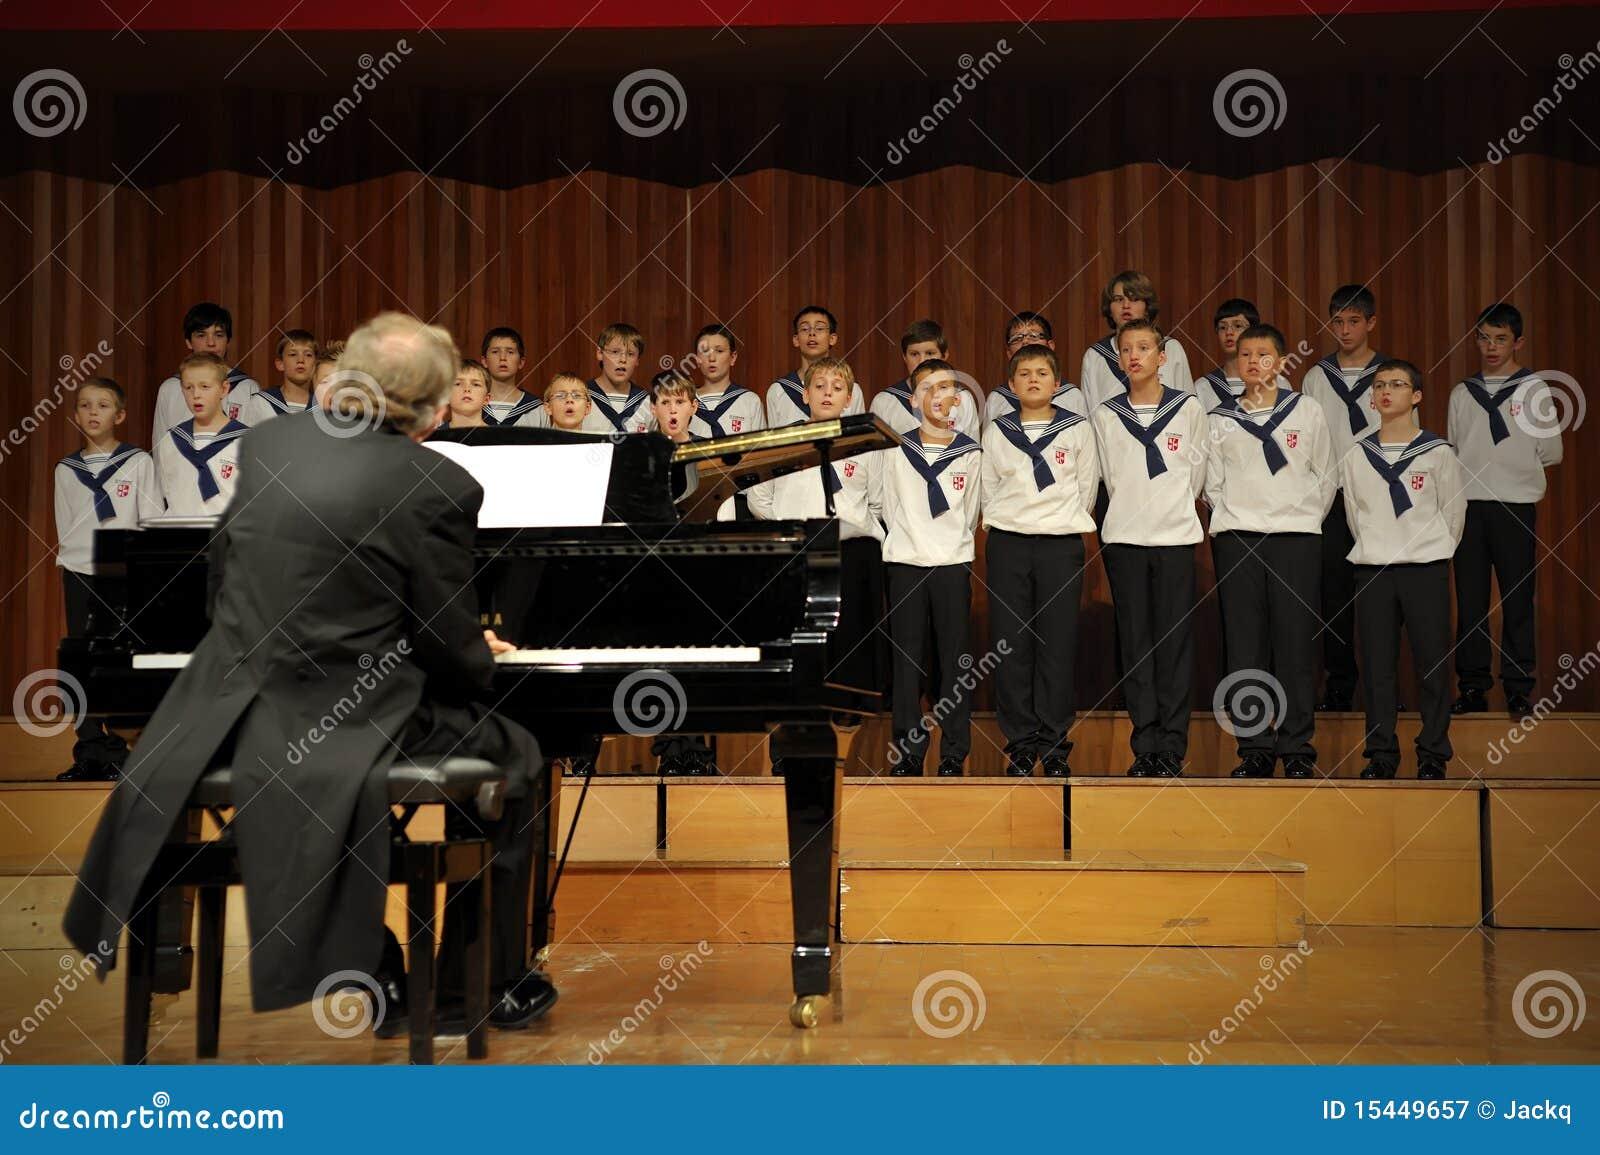 Concert of Austrian St,Florian Boy s Choir